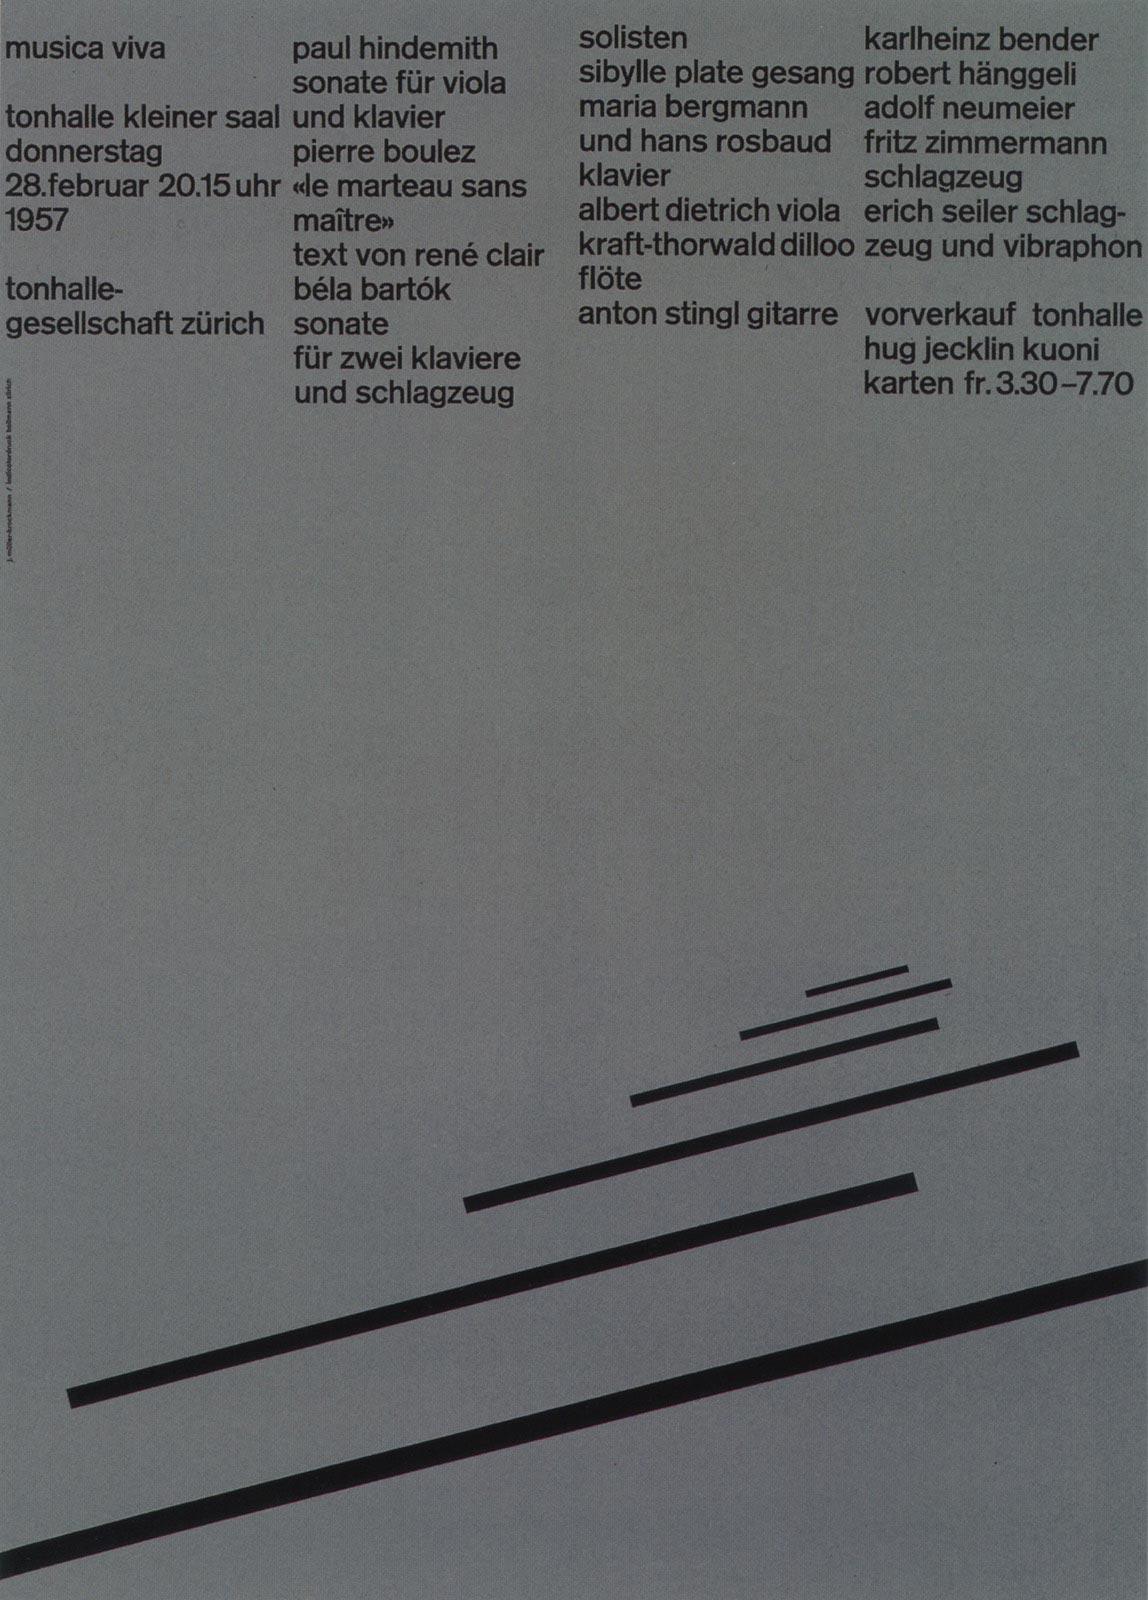 2. Zurich Tonhalle. musica viva. Concert poster, 1957